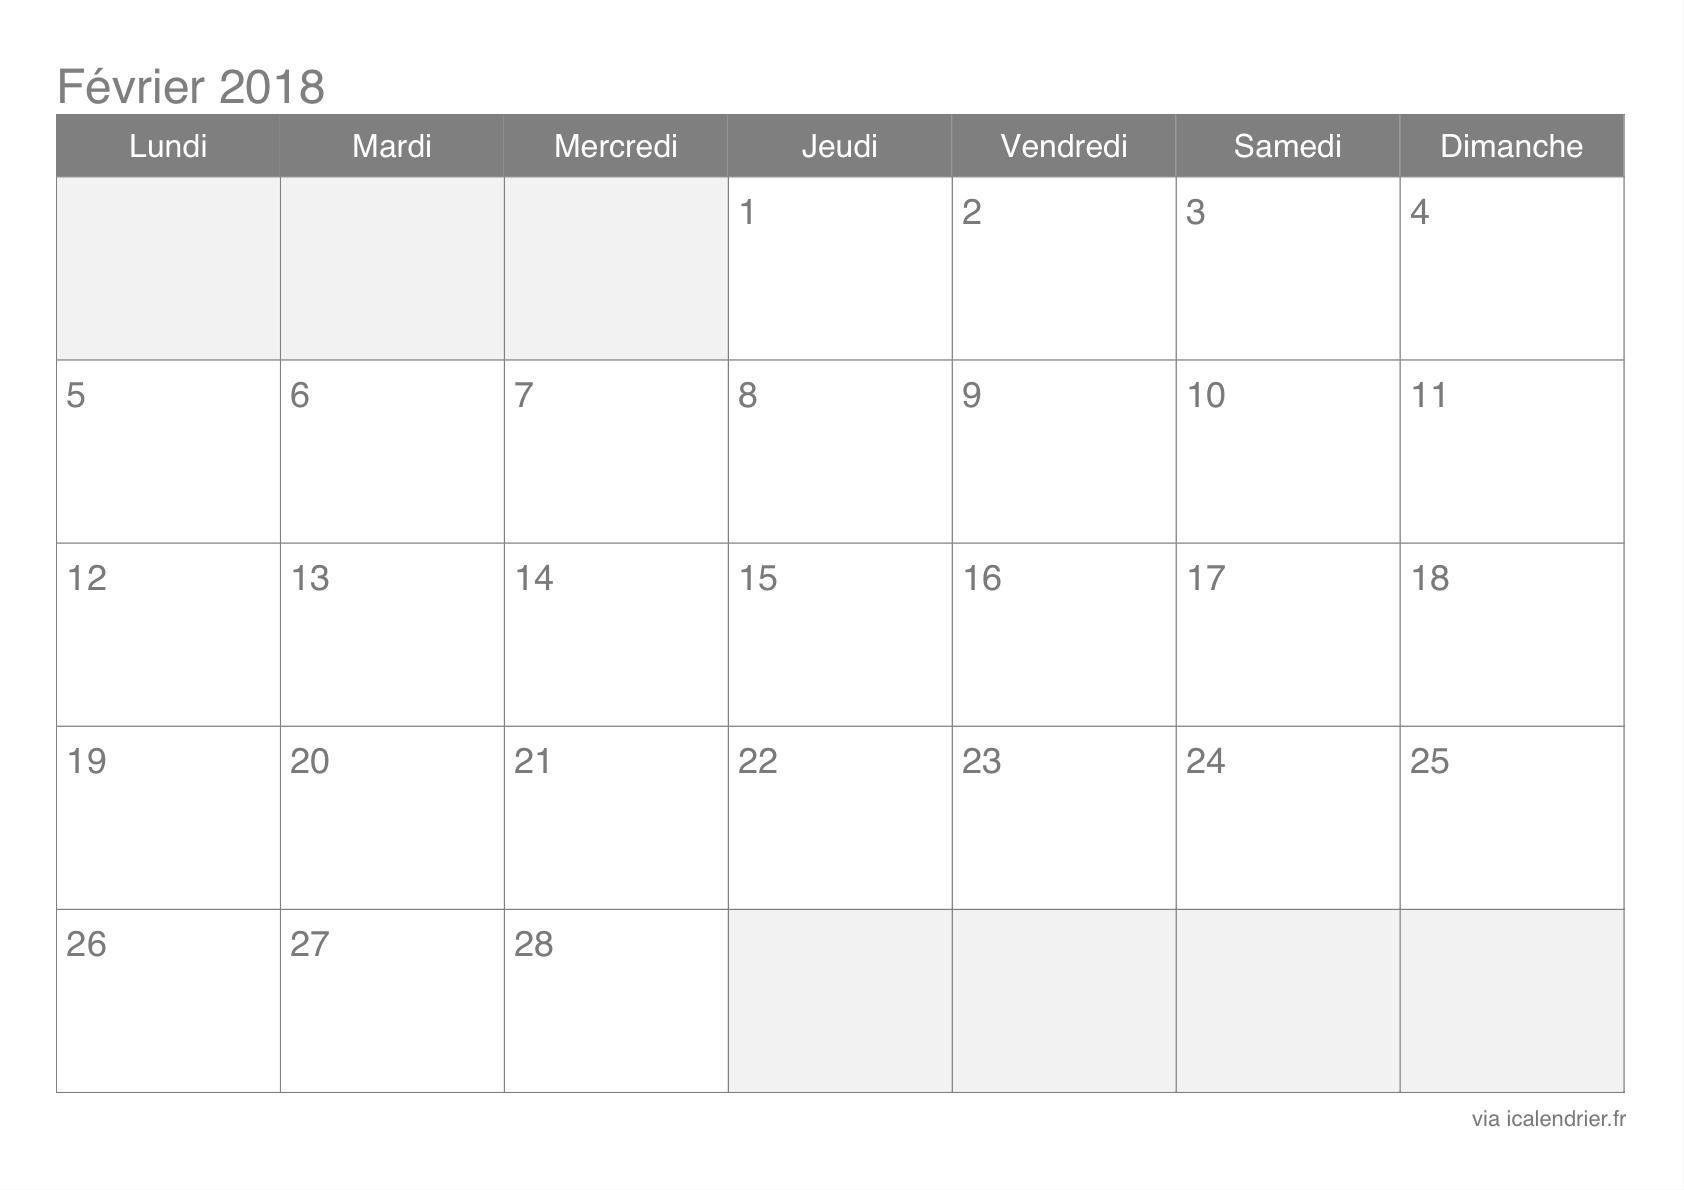 Calendrier Février 2018 À Imprimer - Icalendrier tout Calendrier 2018 A Imprimer Par Mois